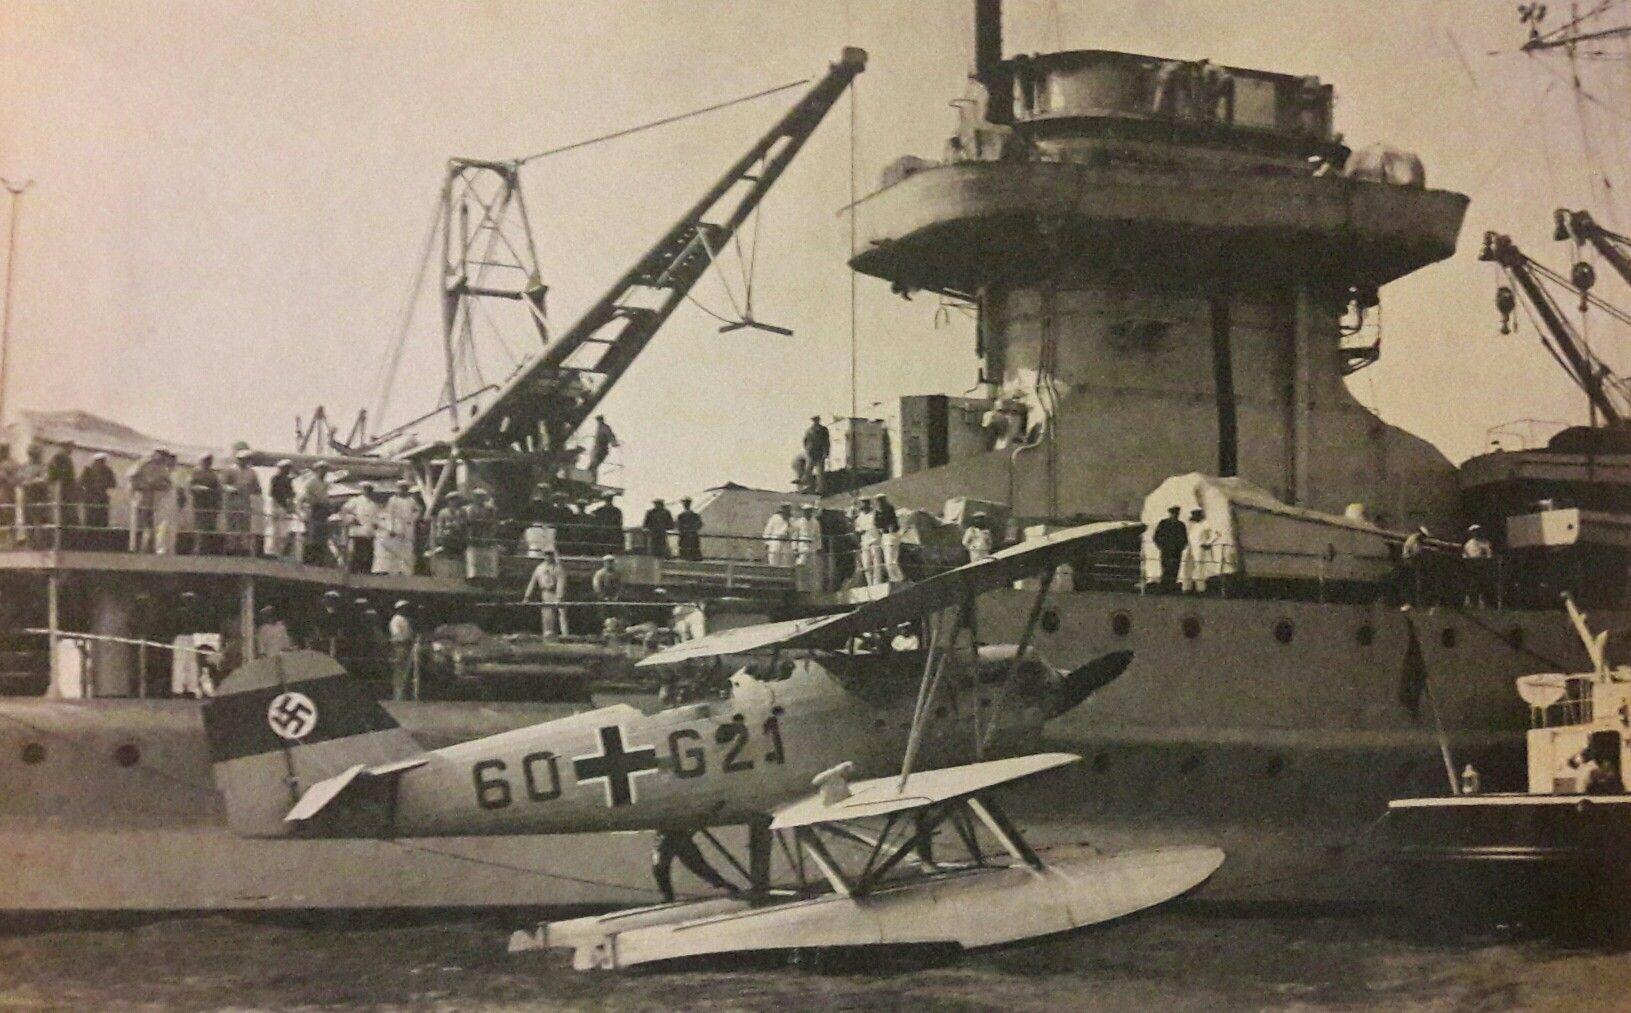 Nürenberg heinkel he 60 aan boord de kruiser nürenberg naval